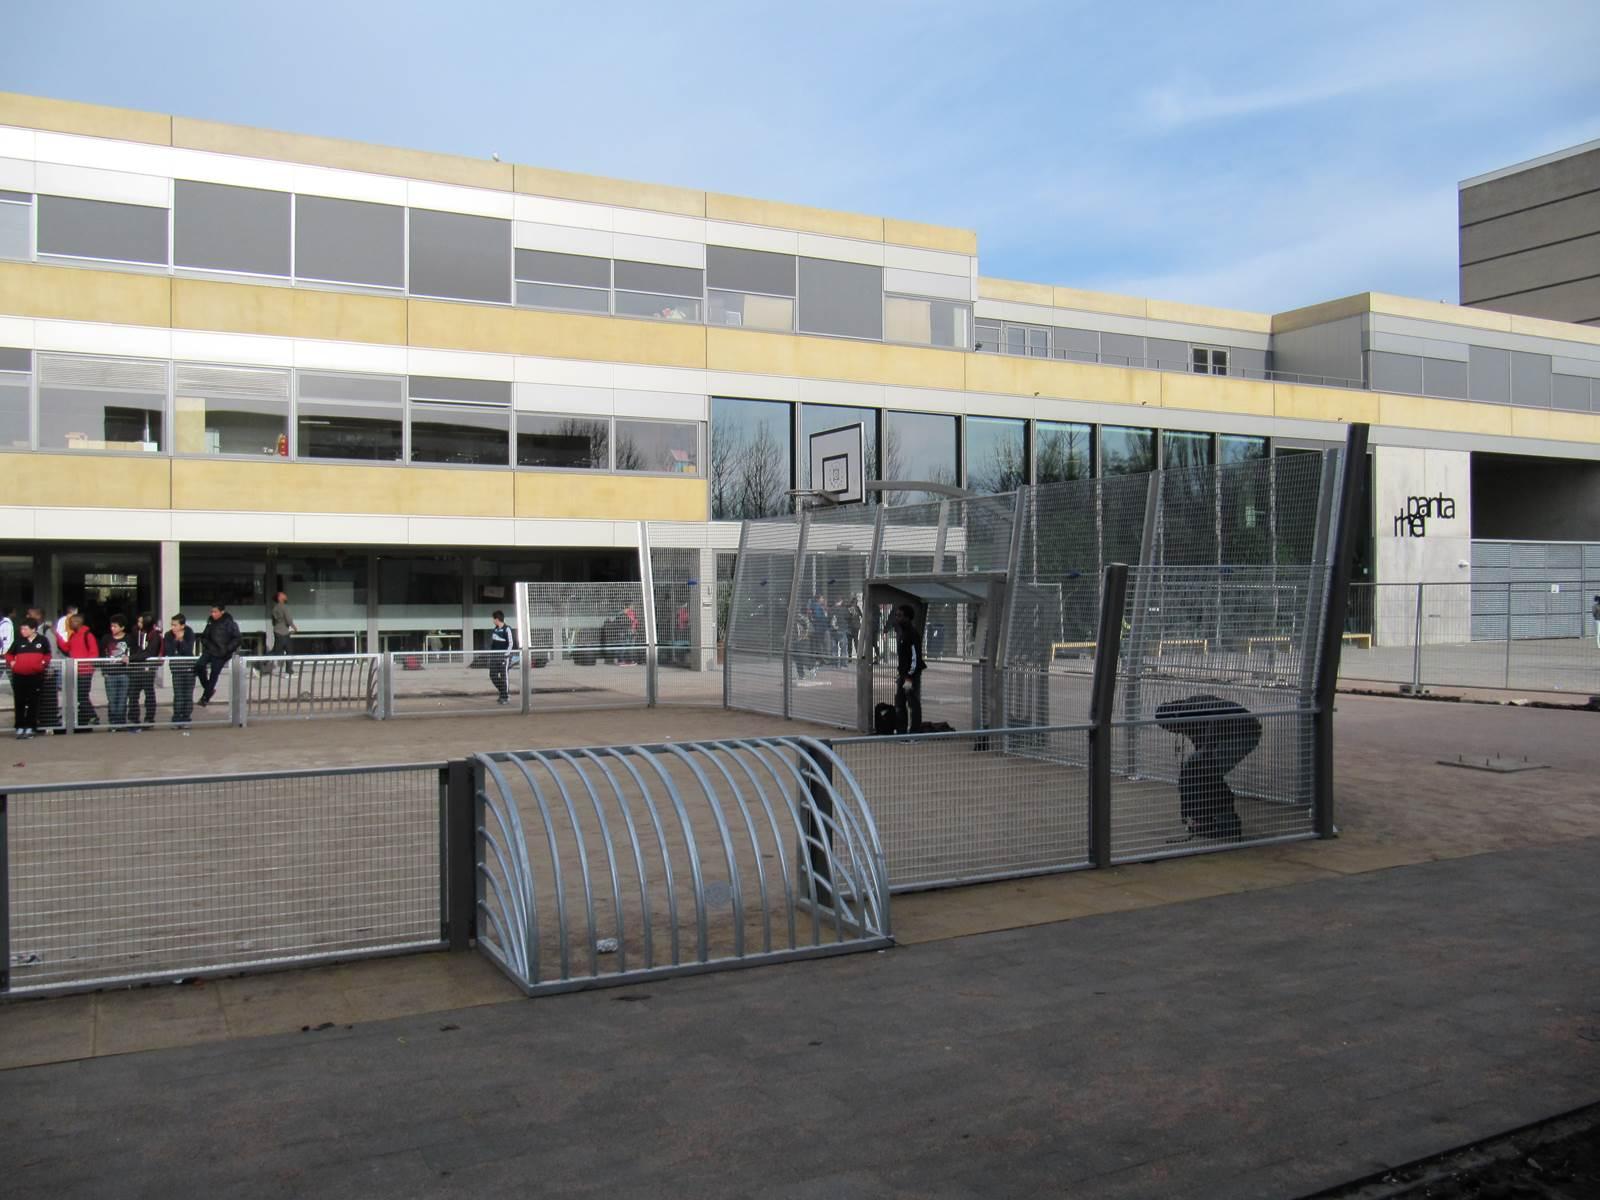 Panta Rhei Amstelveen - Onderwijskwaliteit